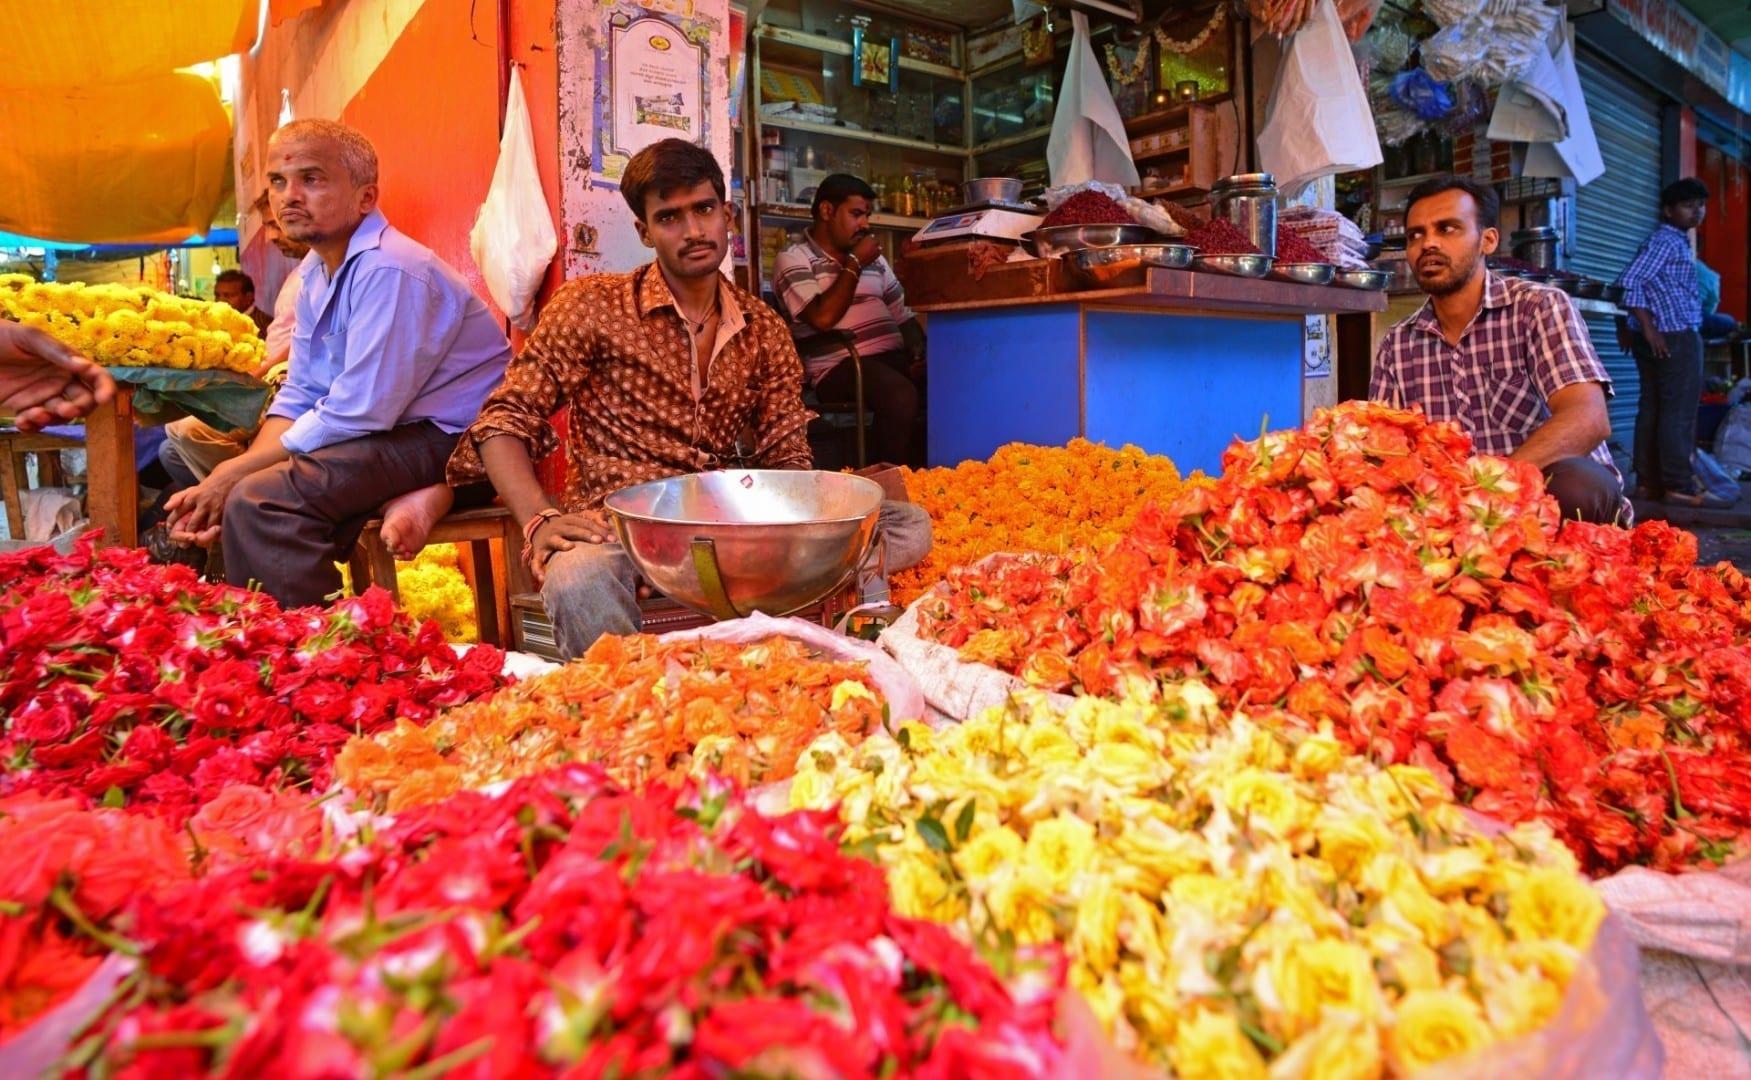 El mercado de Devaraja cerca de la carretera de Urs Mysore India